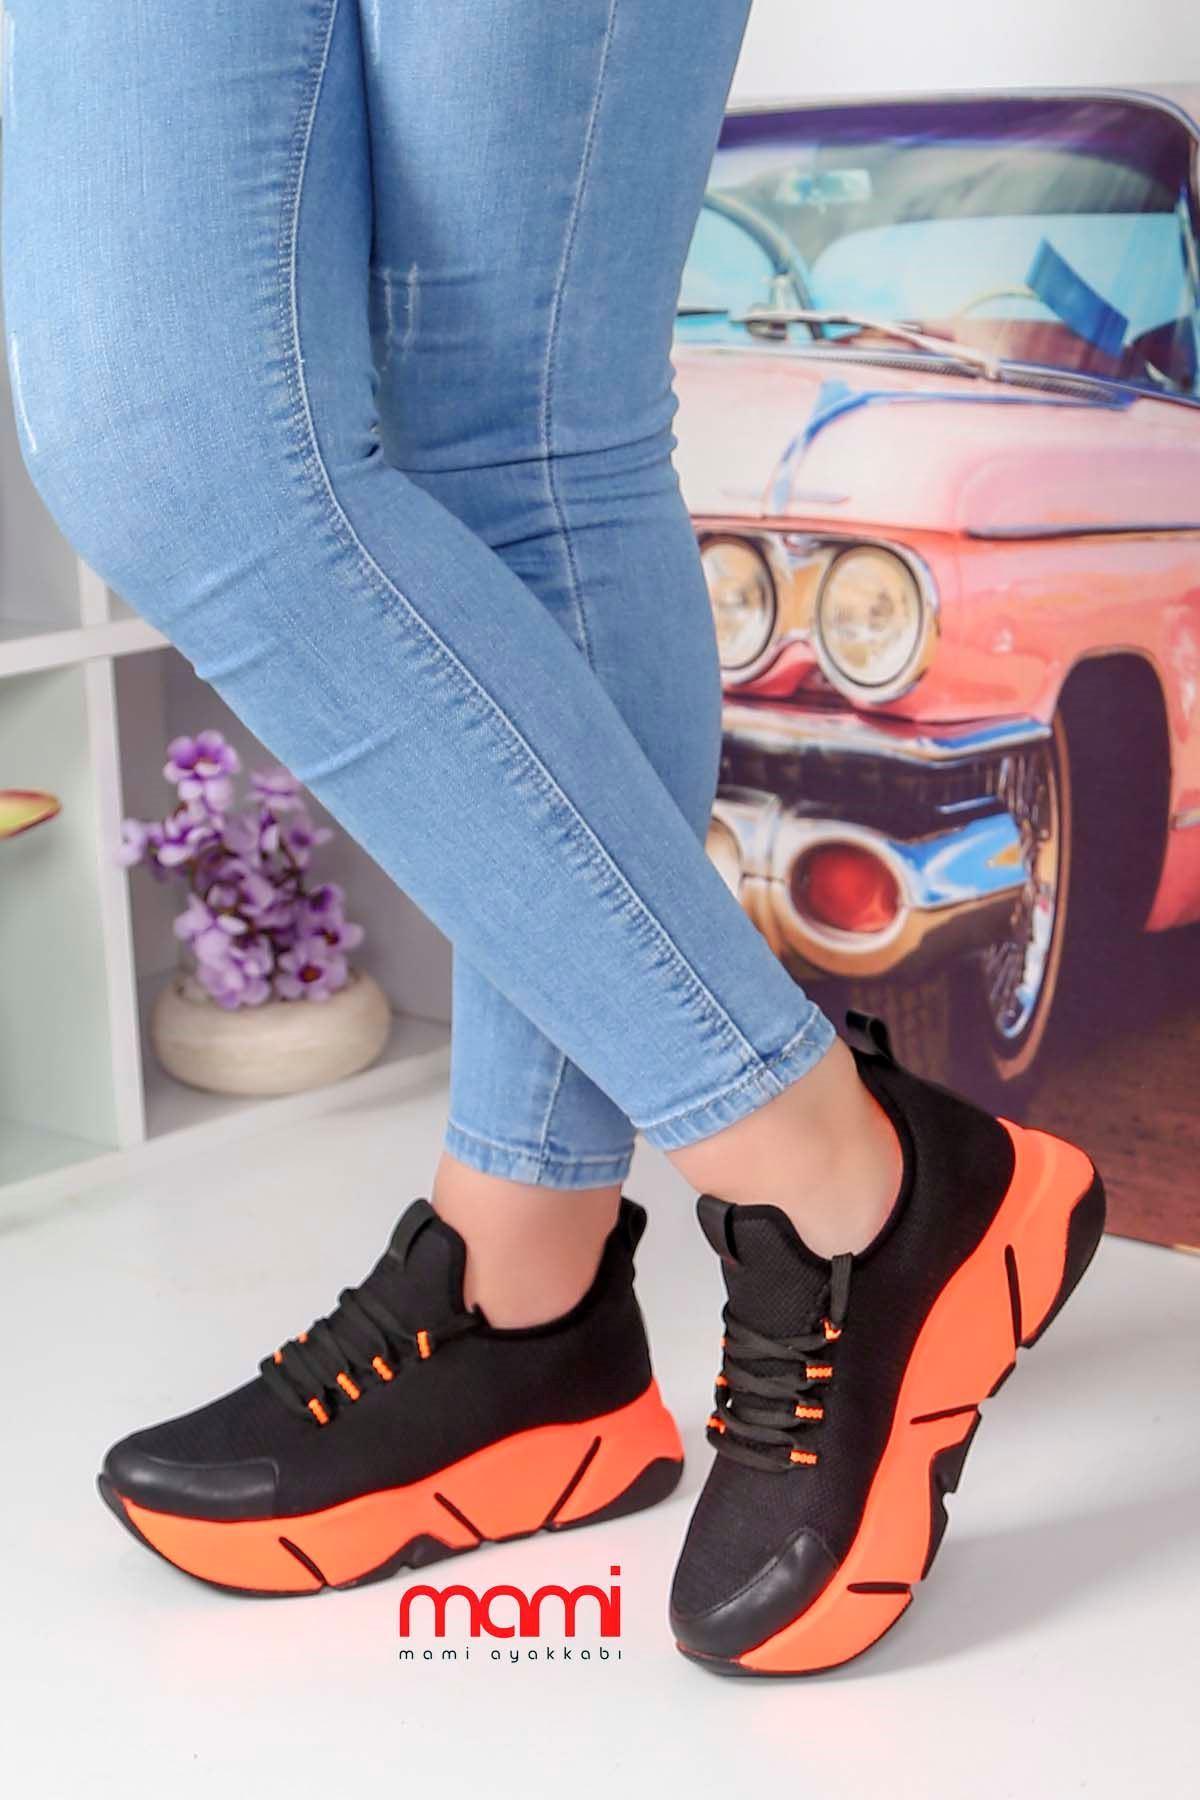 Rsl-100 Triko Spor Ayakkabı Siyah Anorak Turuncu Taban